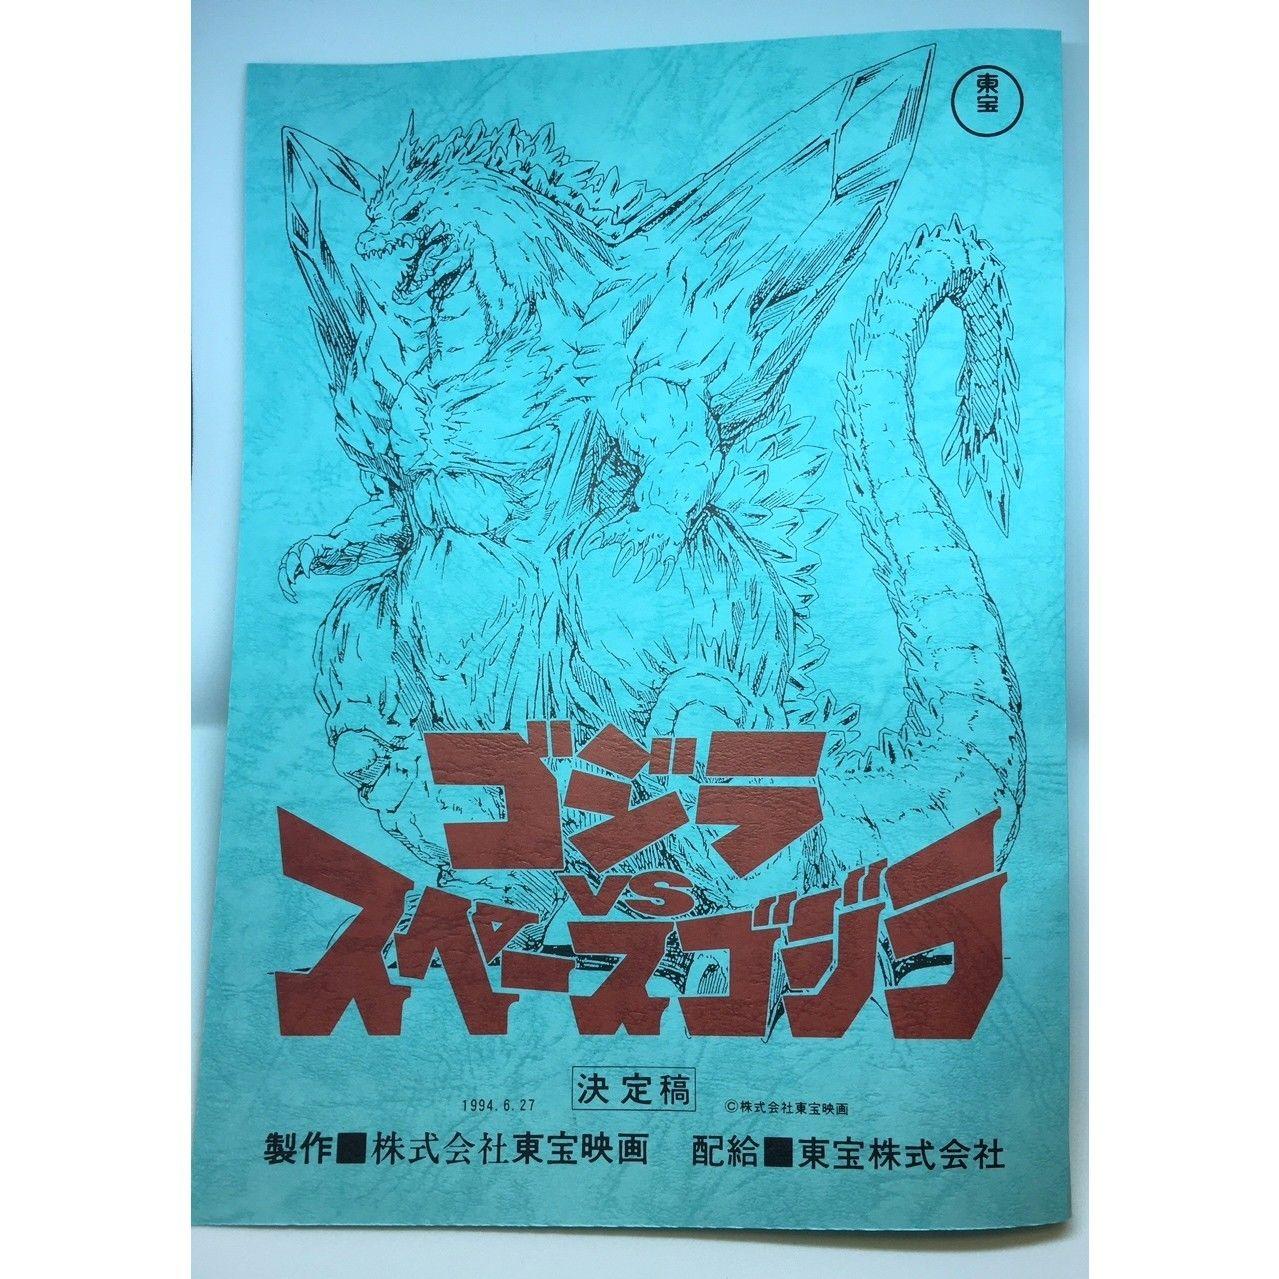 『ゴジラvsスペースゴジラ』台本ノート